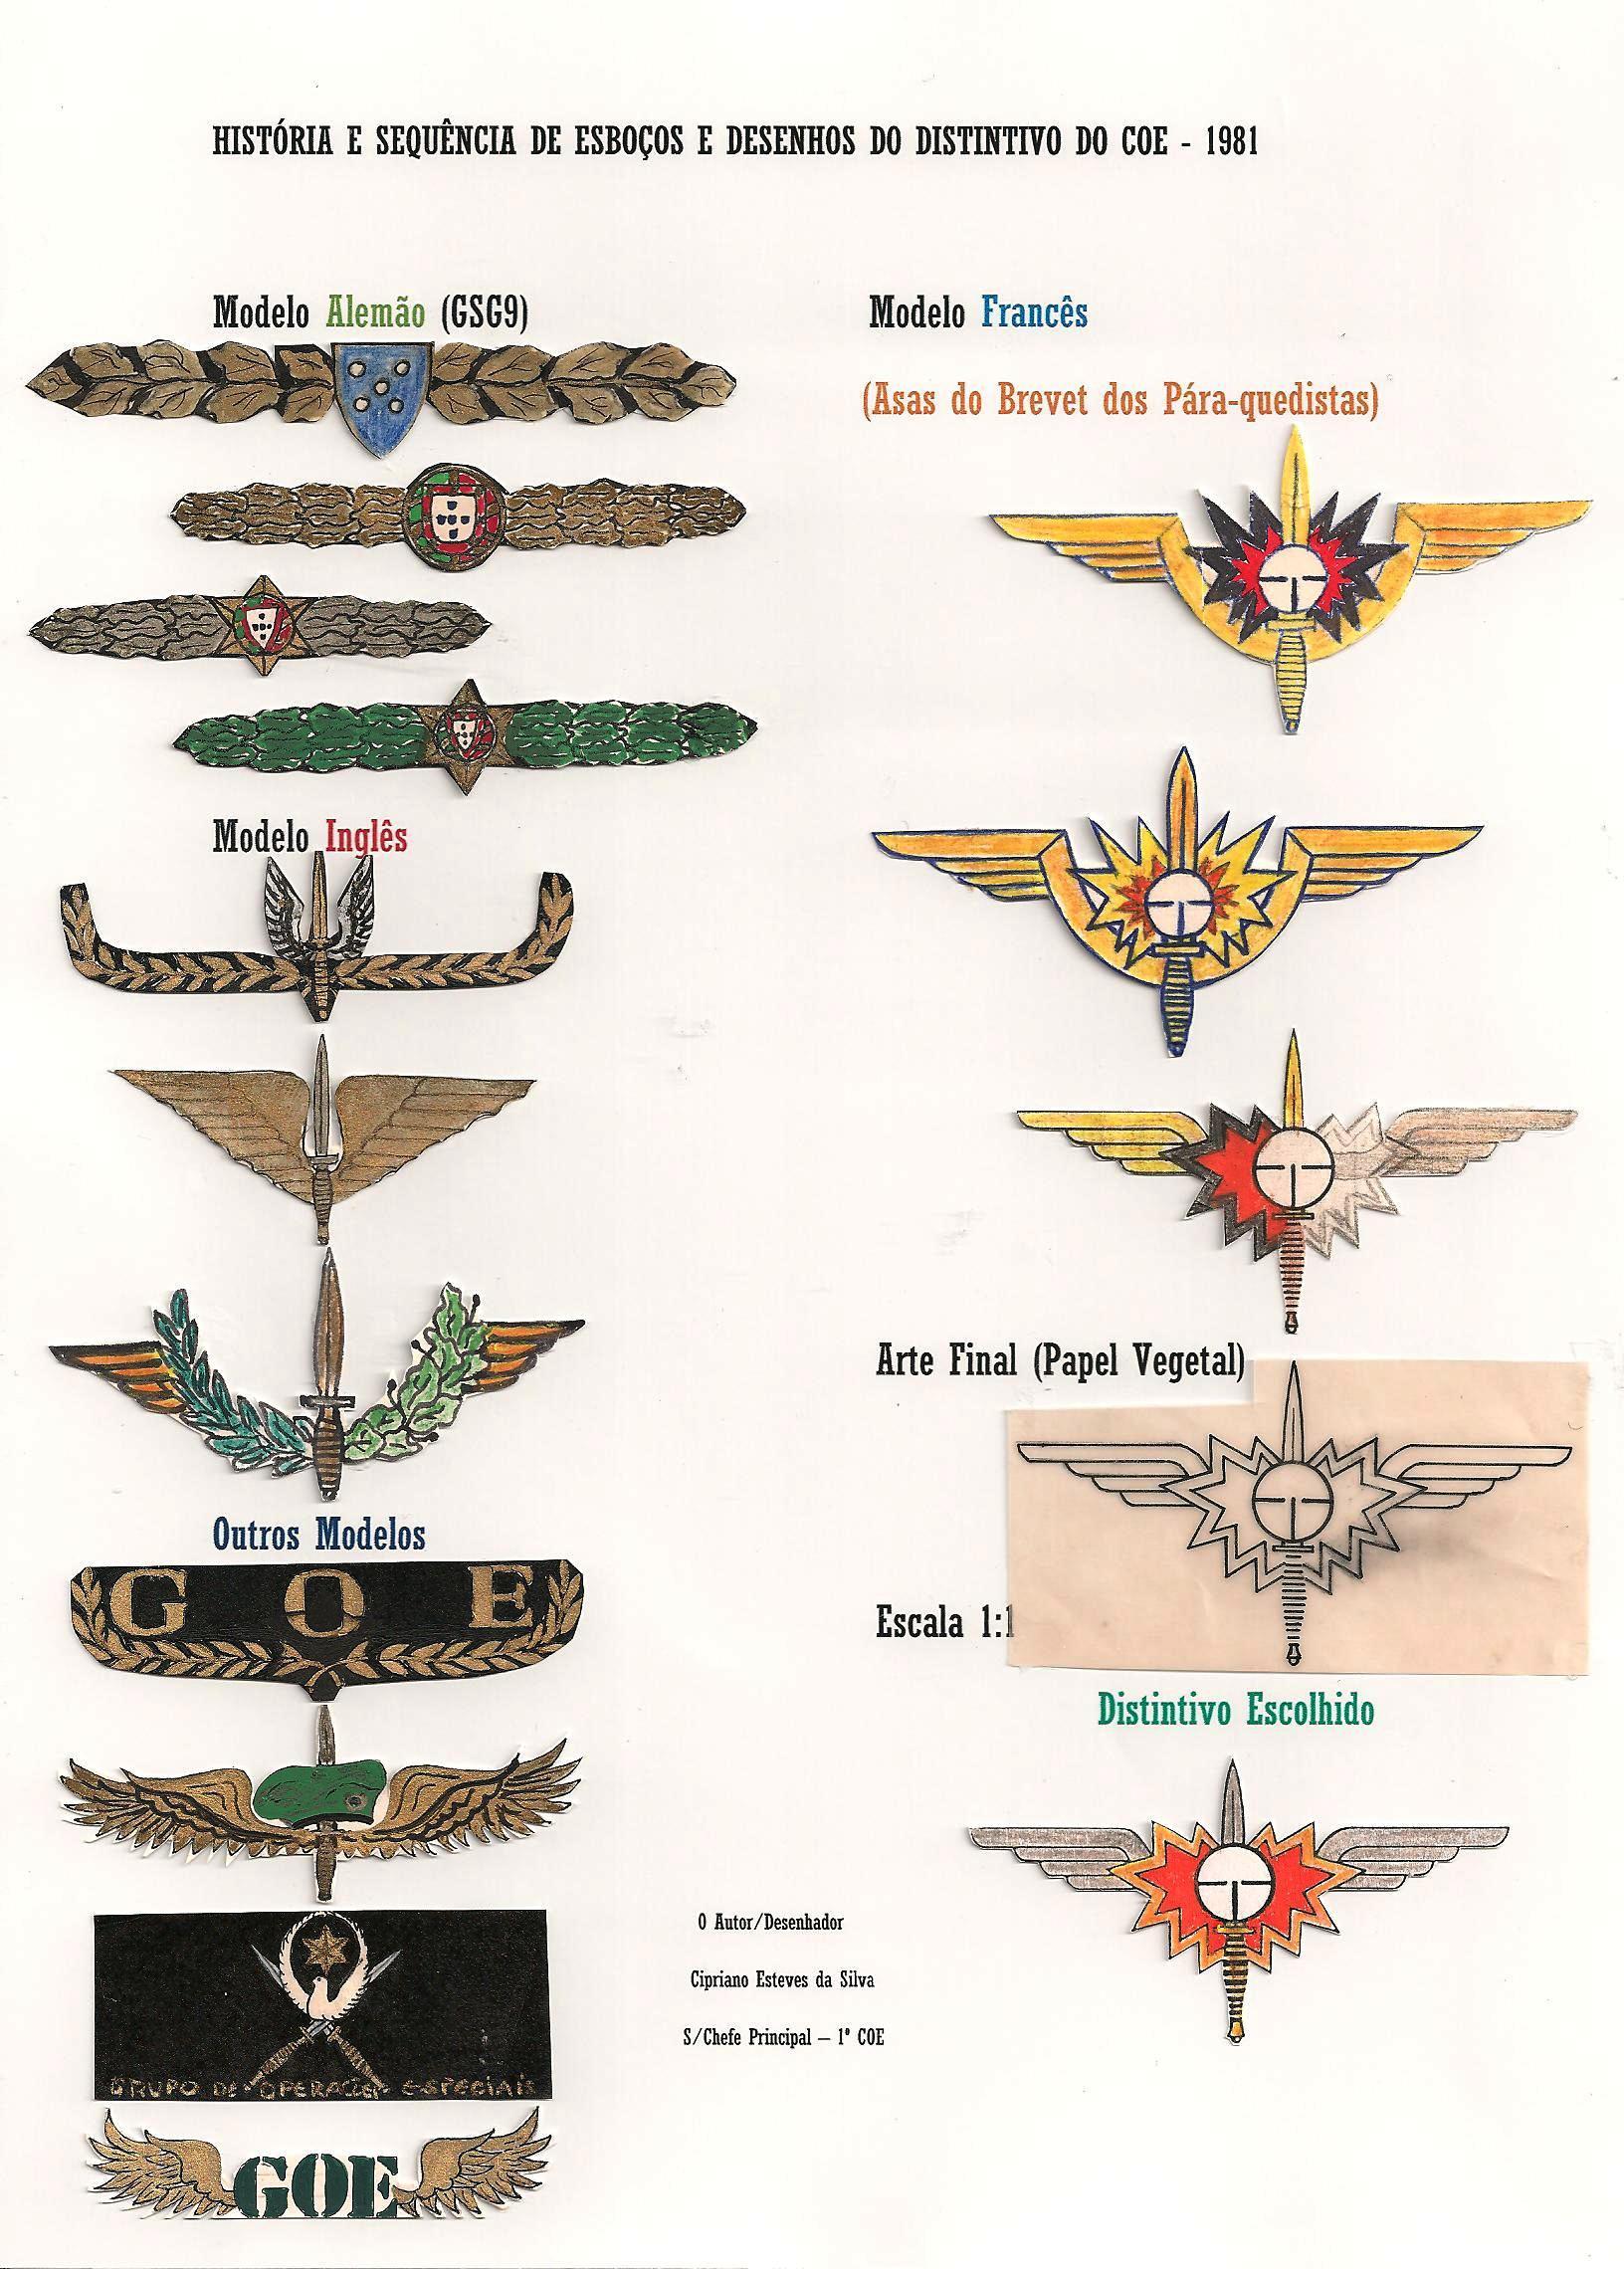 Documento histórico ilustrativo do estudo elaborado para a aprovação posterior do distintivo do COE. (Doc. de C.E.S. via autor)